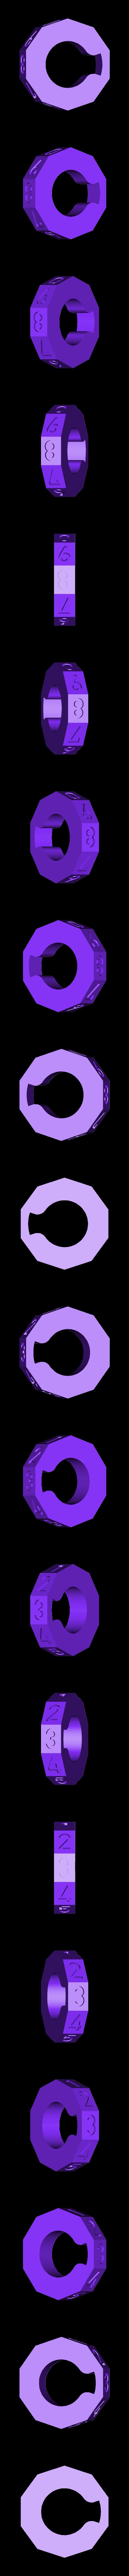 Wheel3.stl Télécharger fichier STL gratuit Kit de verrouillage de permutation personnalisable (verrouillage à combinaison) • Objet pour impression 3D, plasticpasta